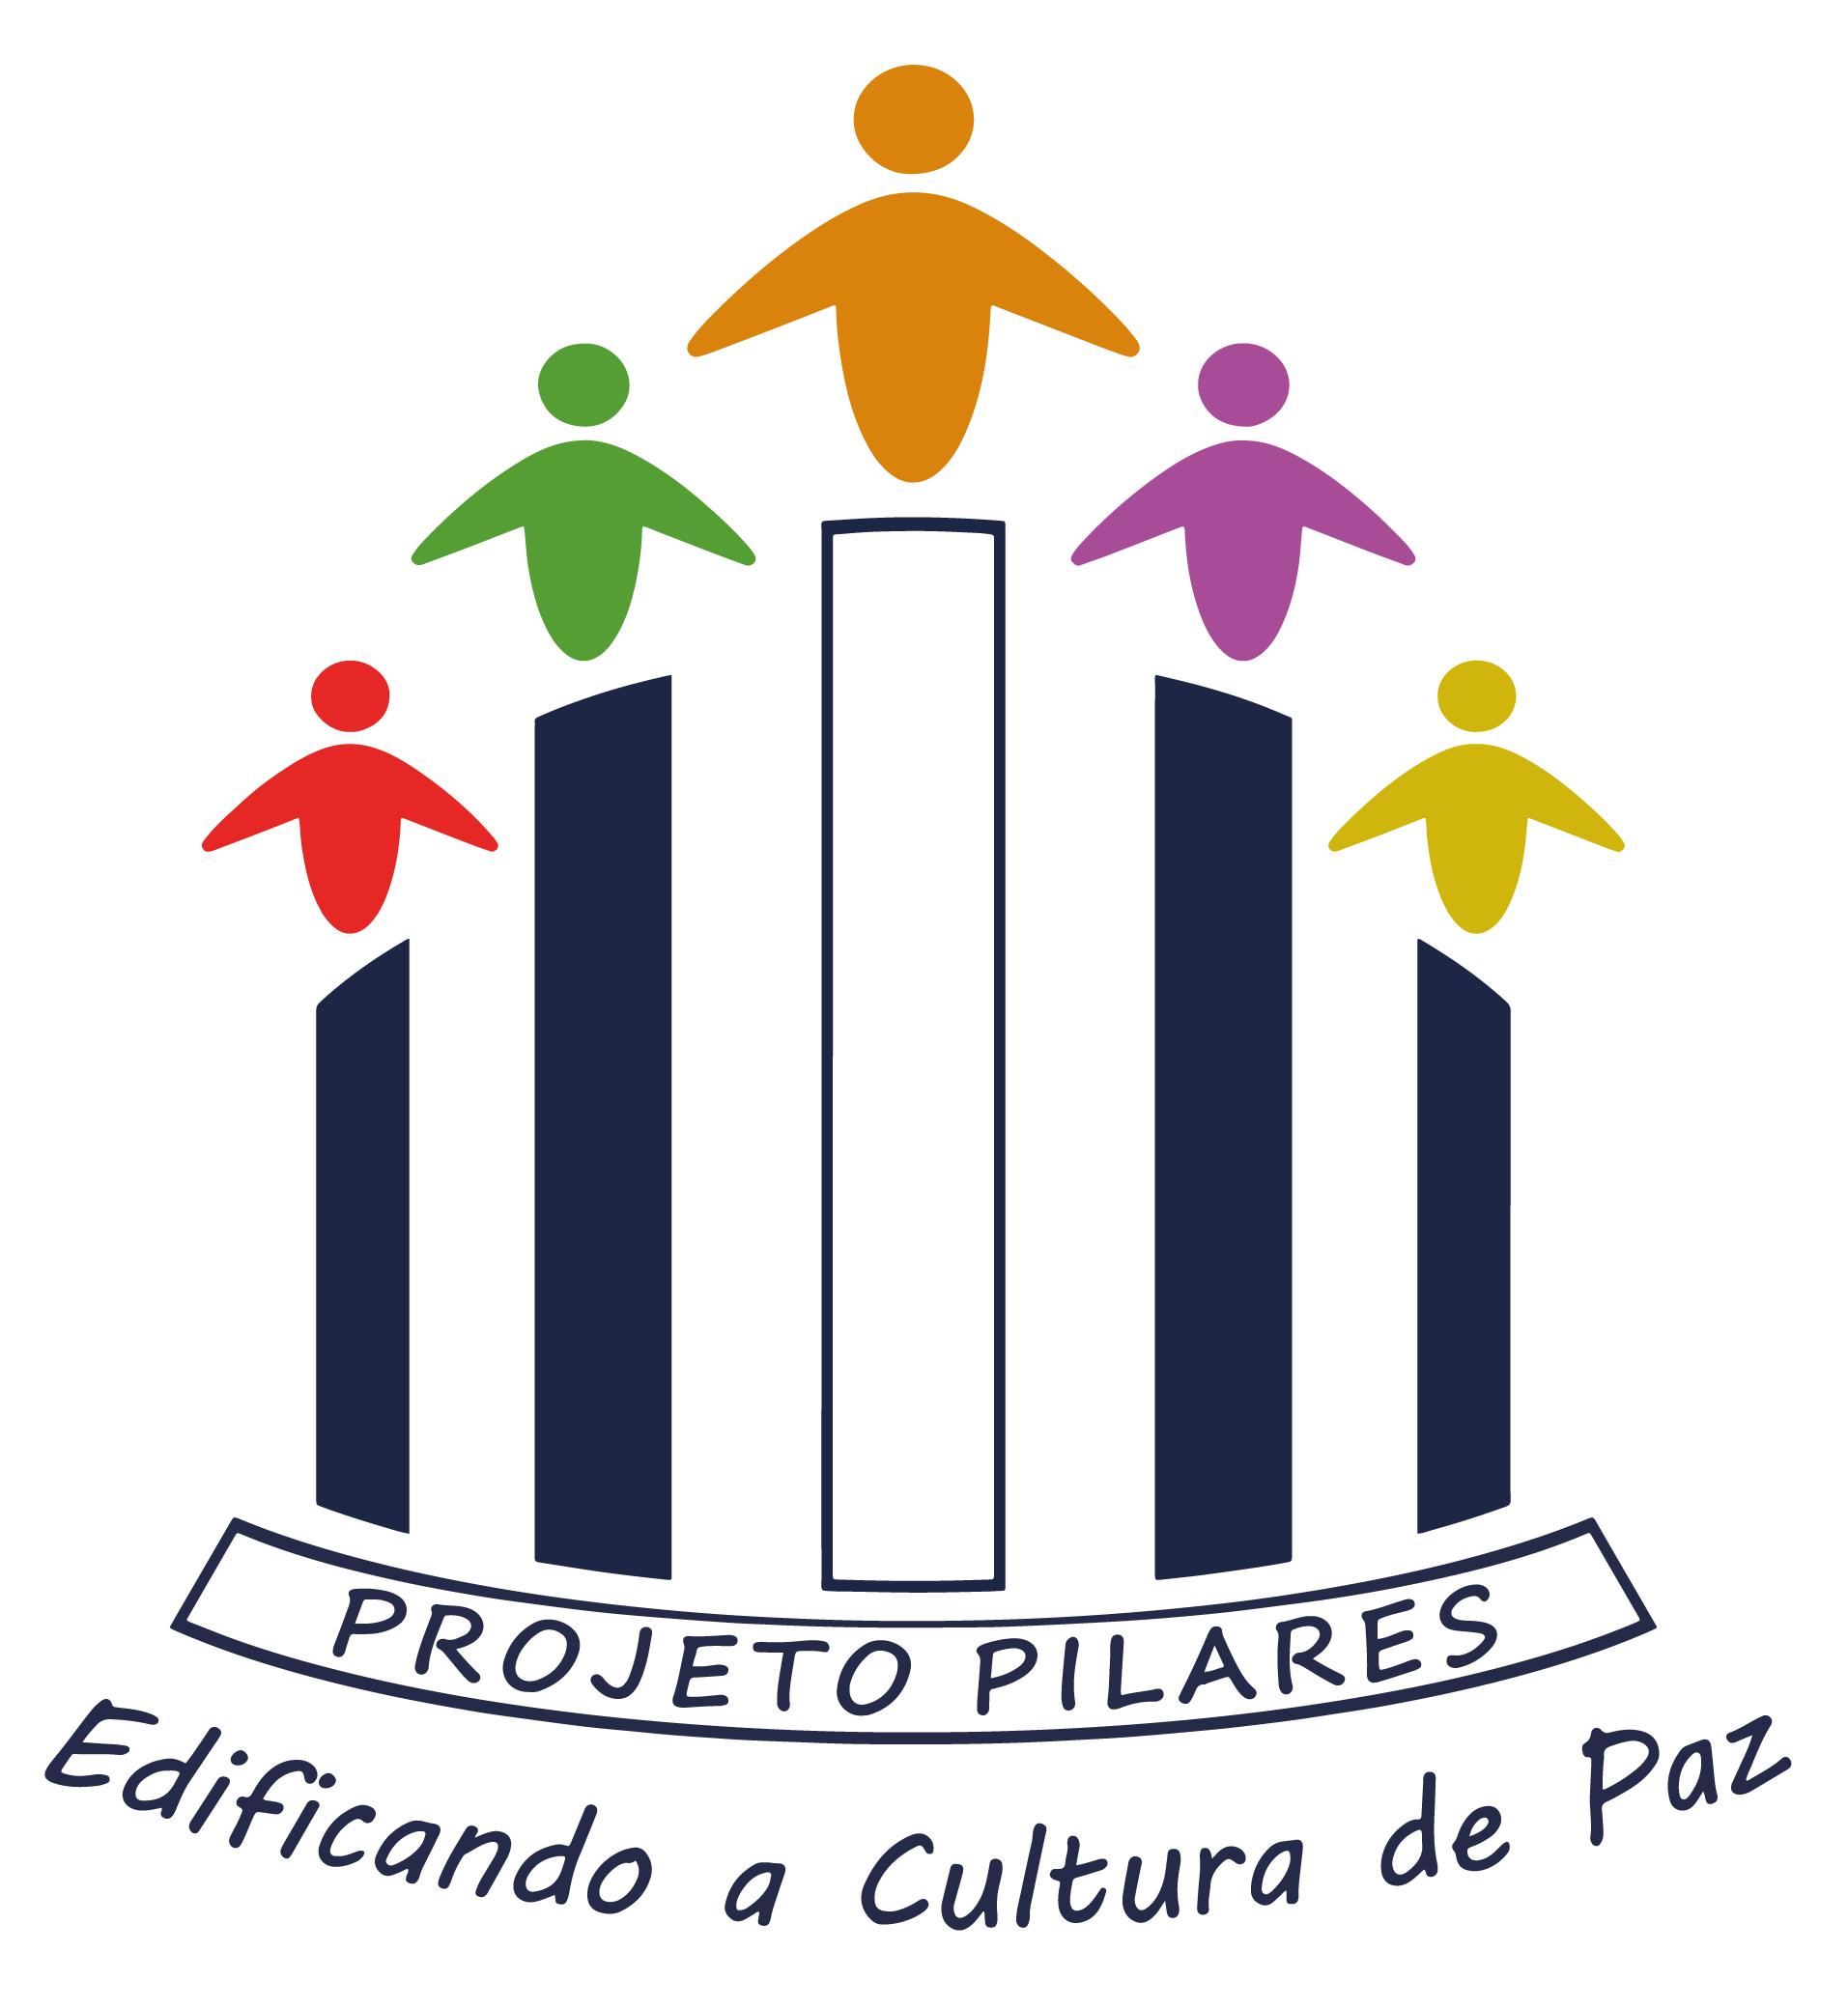 Course Image Formação de Facilitadores em Círculos de Justiça Restaurativa e Construção de Paz do Projeto Pilares - ETAPA EAD TURMA 3